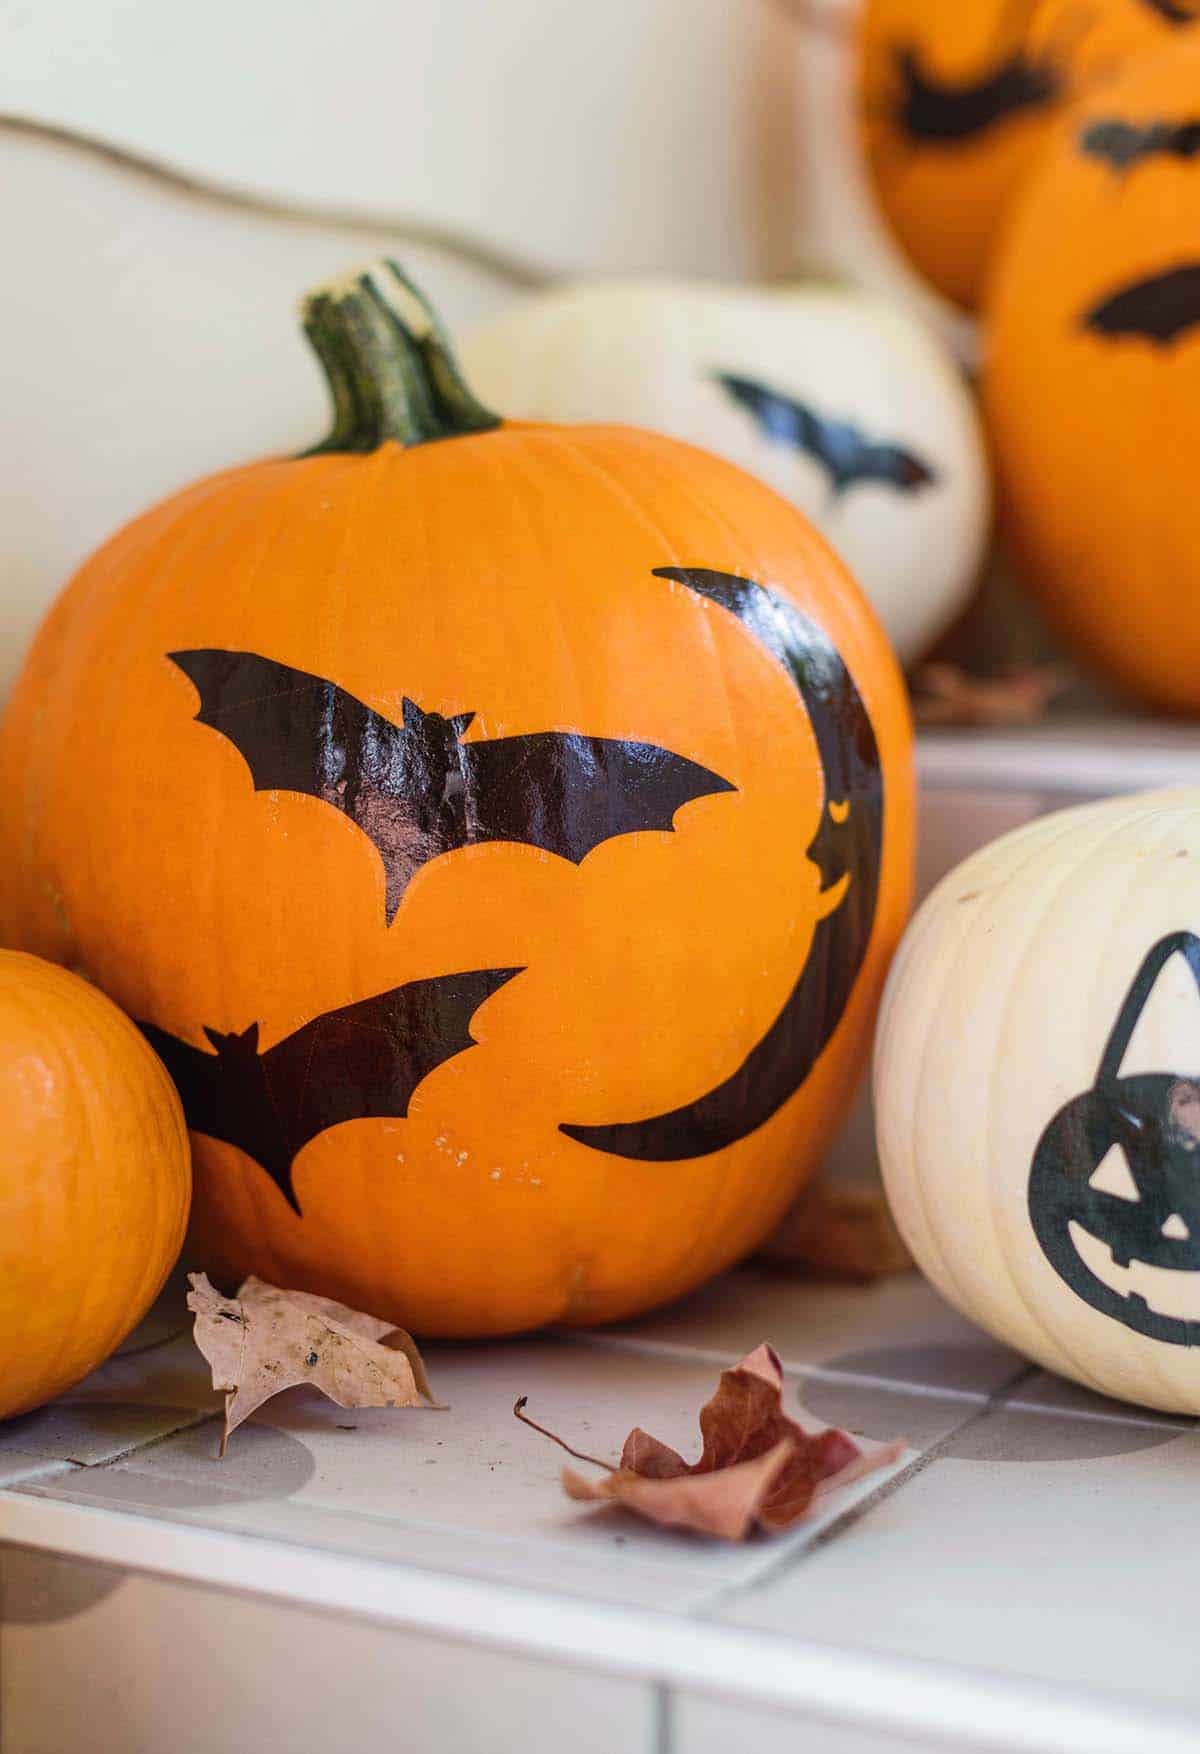 Closeup of pumpkins